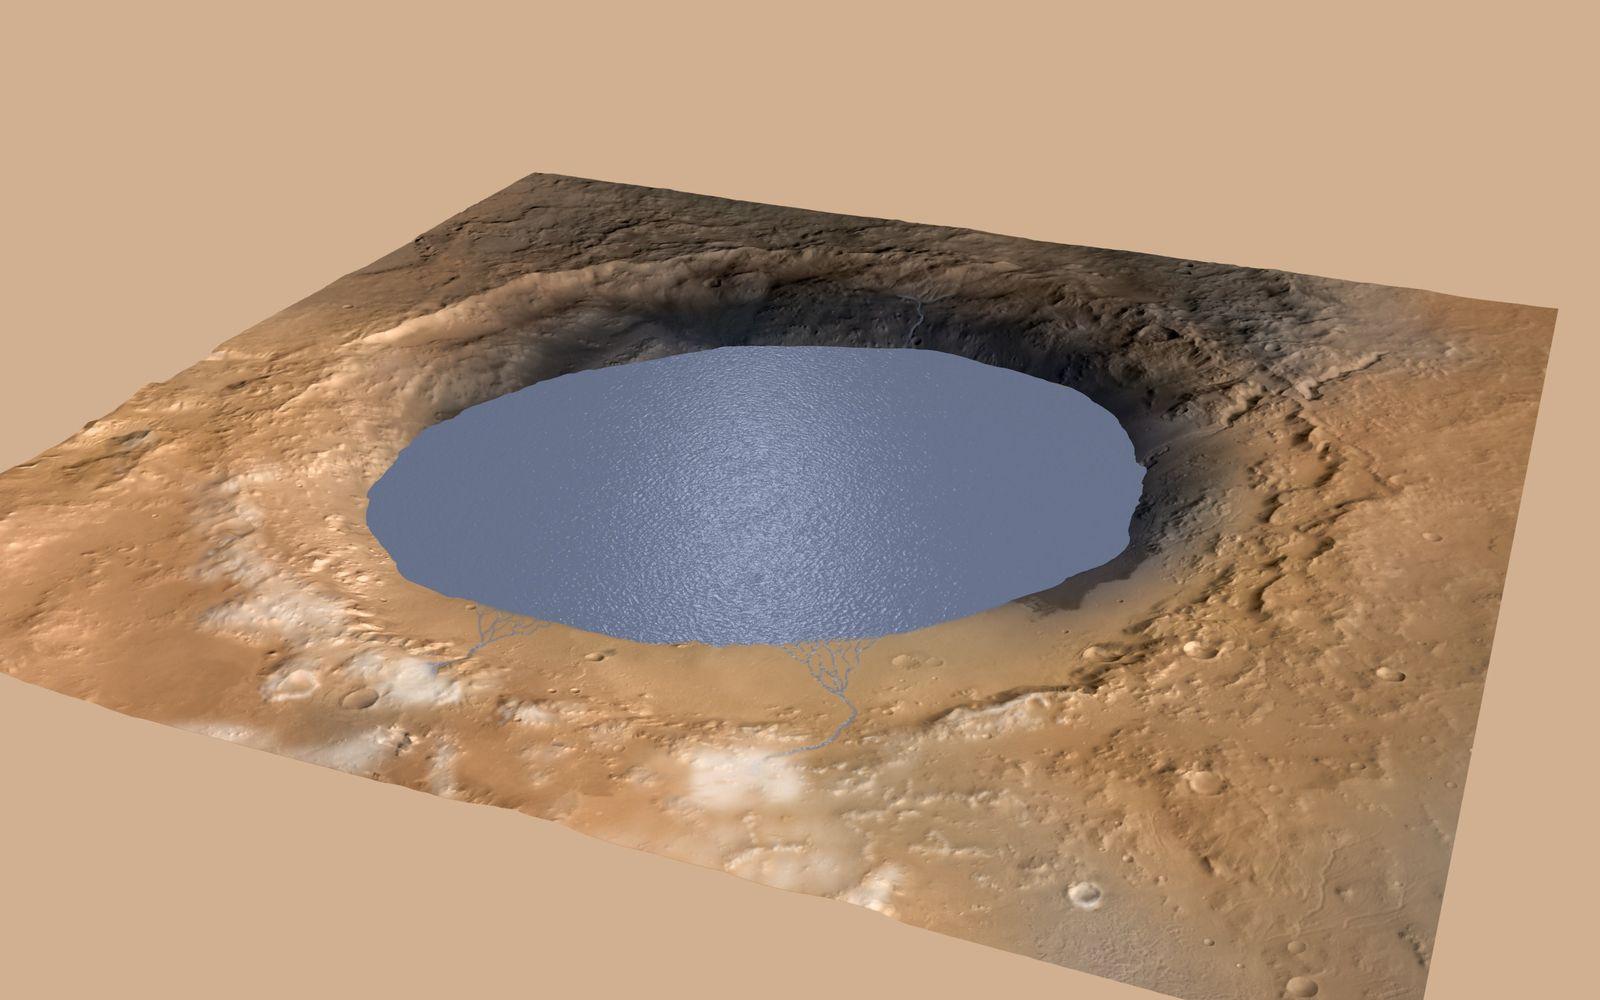 US-SPACE-MARS-GEOLOGY